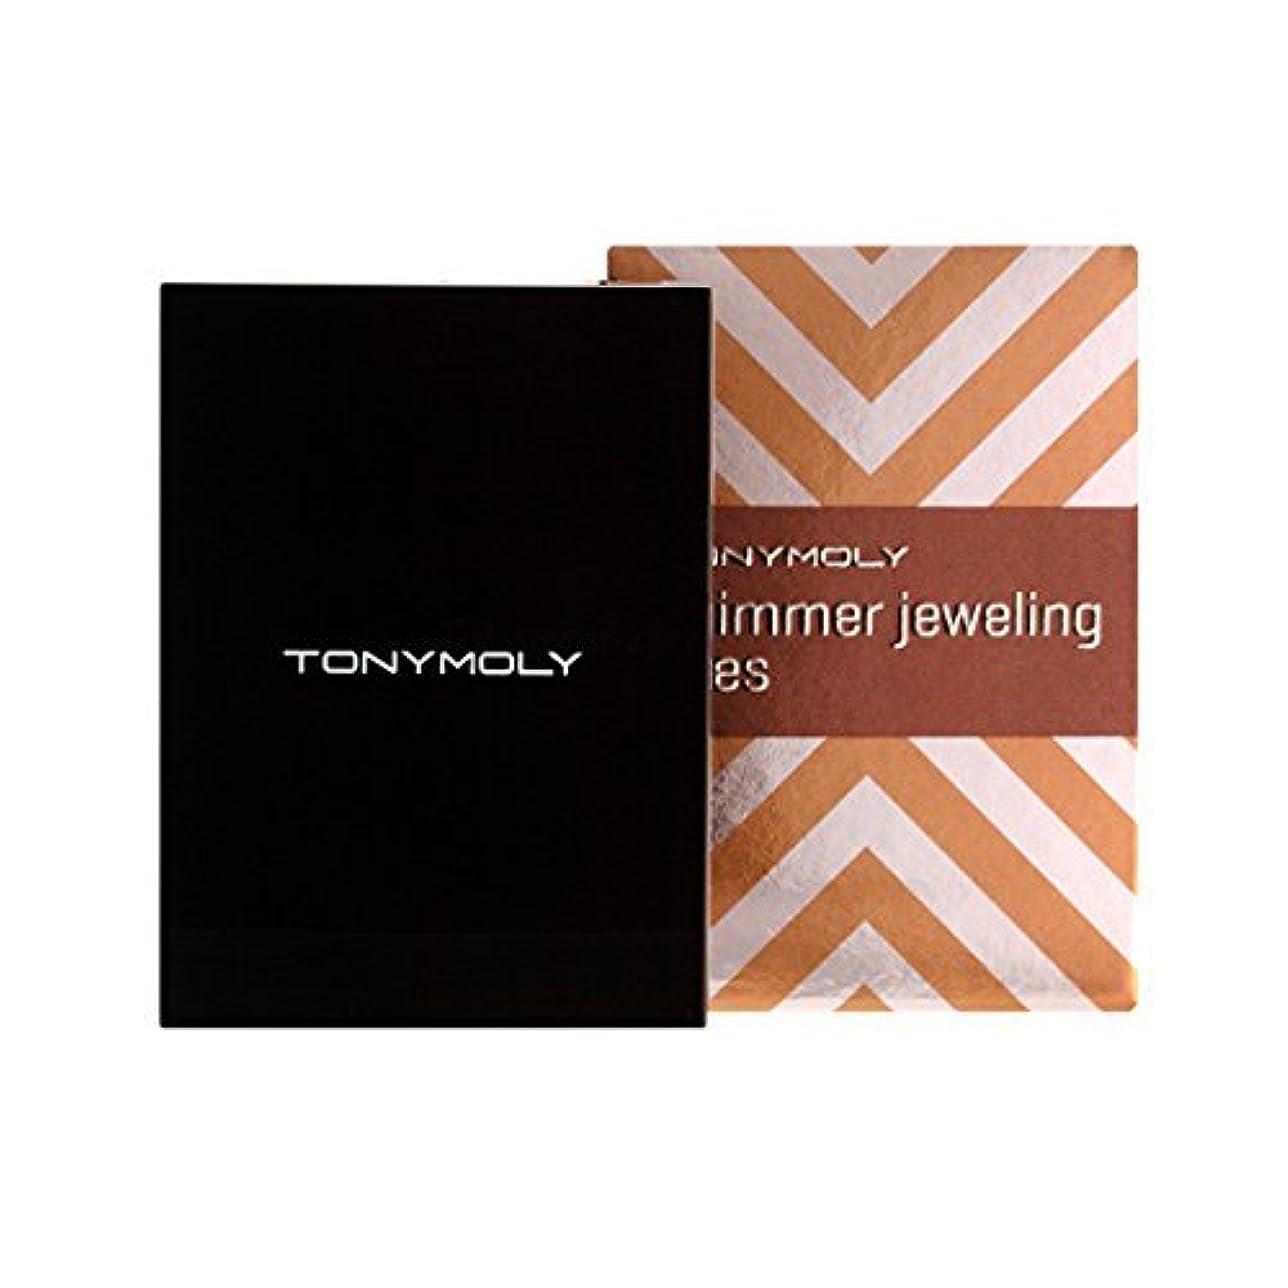 観光バーターバラ色[Tonymoly] トニーモリ Shimmer Jeweling Eyes 2.7g #01 Gold Jeweling by TONYMOLY